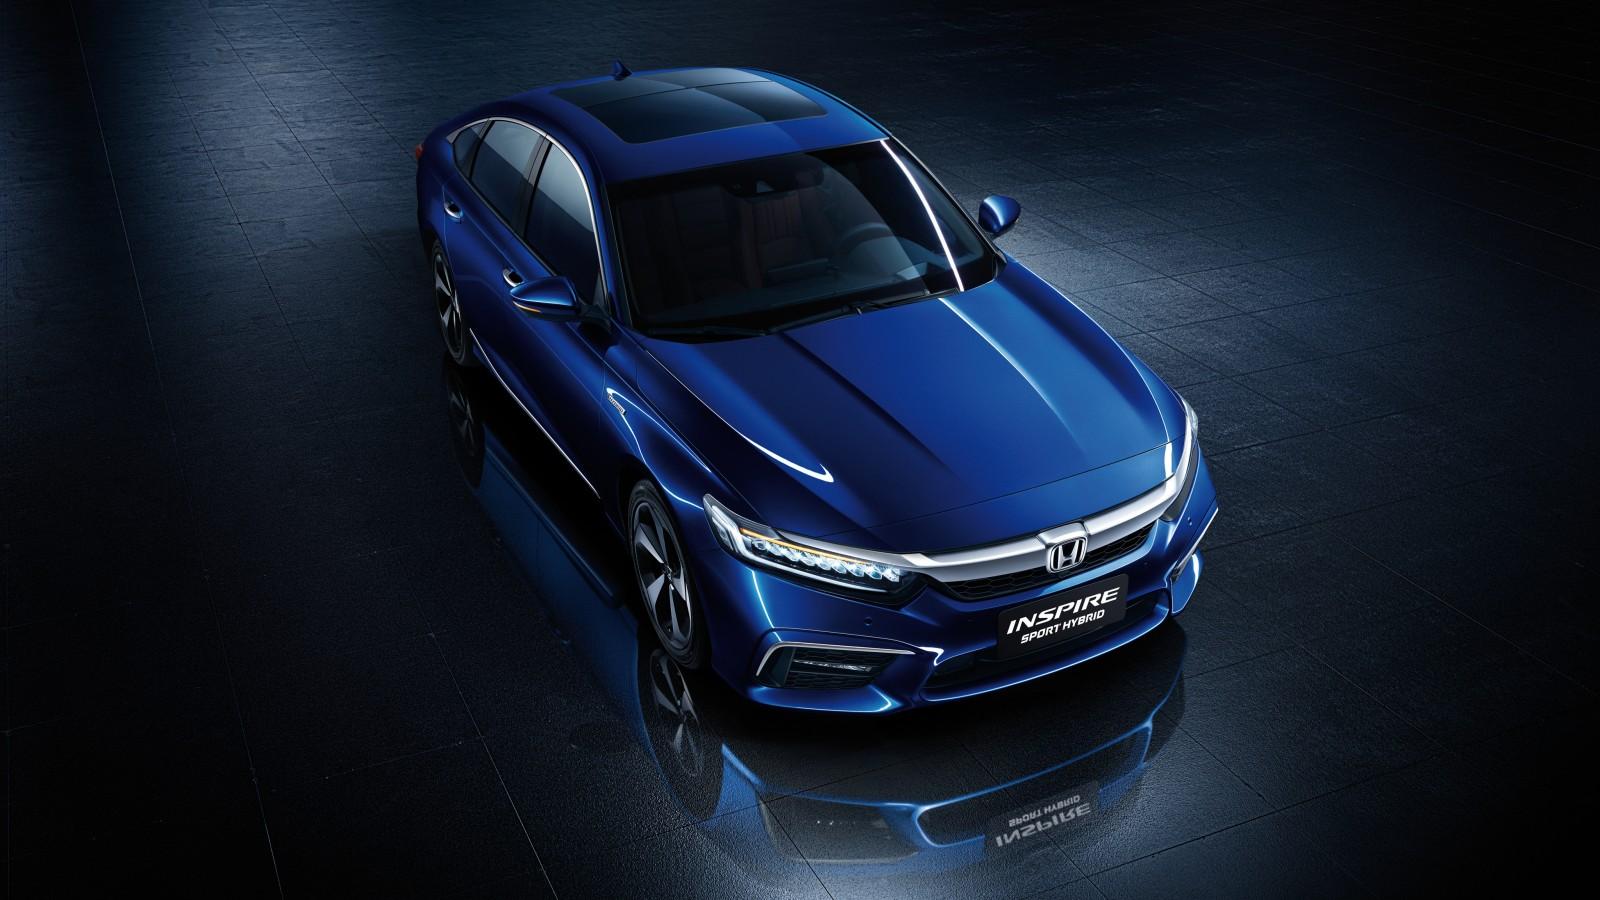 Honda Inspire Sport Hybrid 2018 4K Wallpaper | HD Car ...